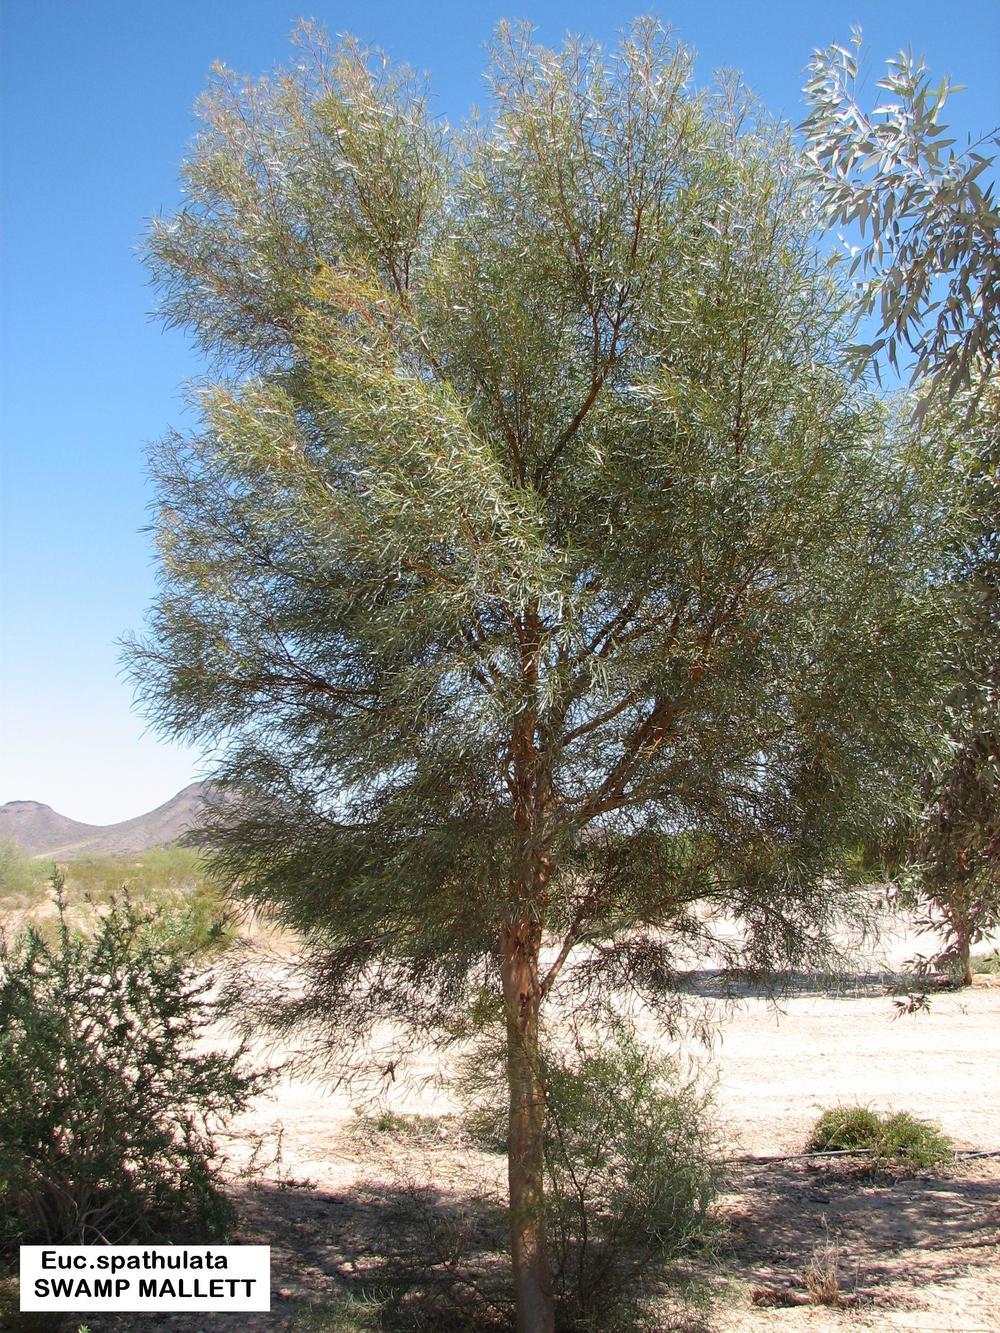 v Euc.spathulata SWAMP MALLET.jpg